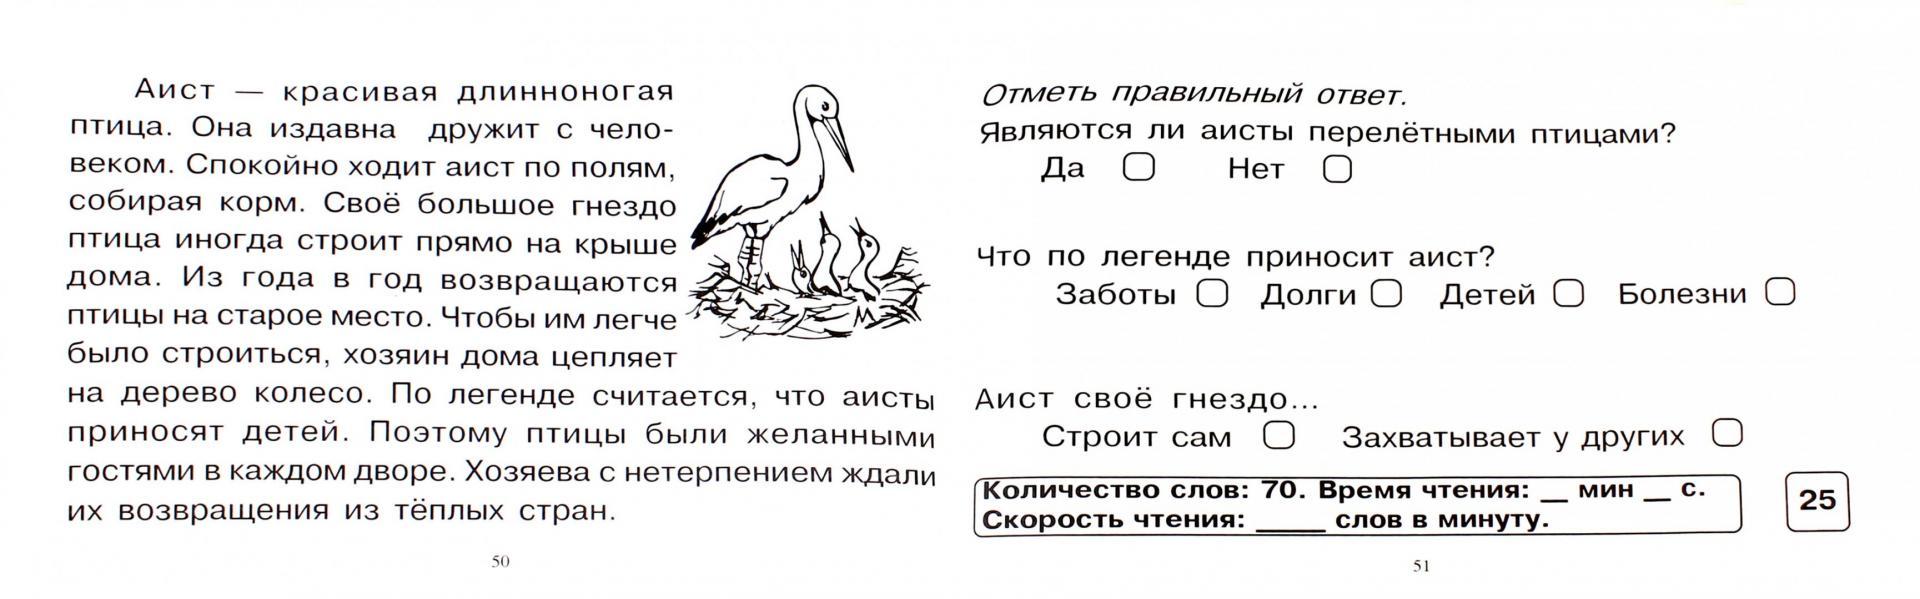 Иллюстрация 1 из 15 для Блицконтроль скорости чтения и понимания текста. 3 класс. Второе полугодие - Беденко, Савельев   Лабиринт - книги. Источник: Лабиринт